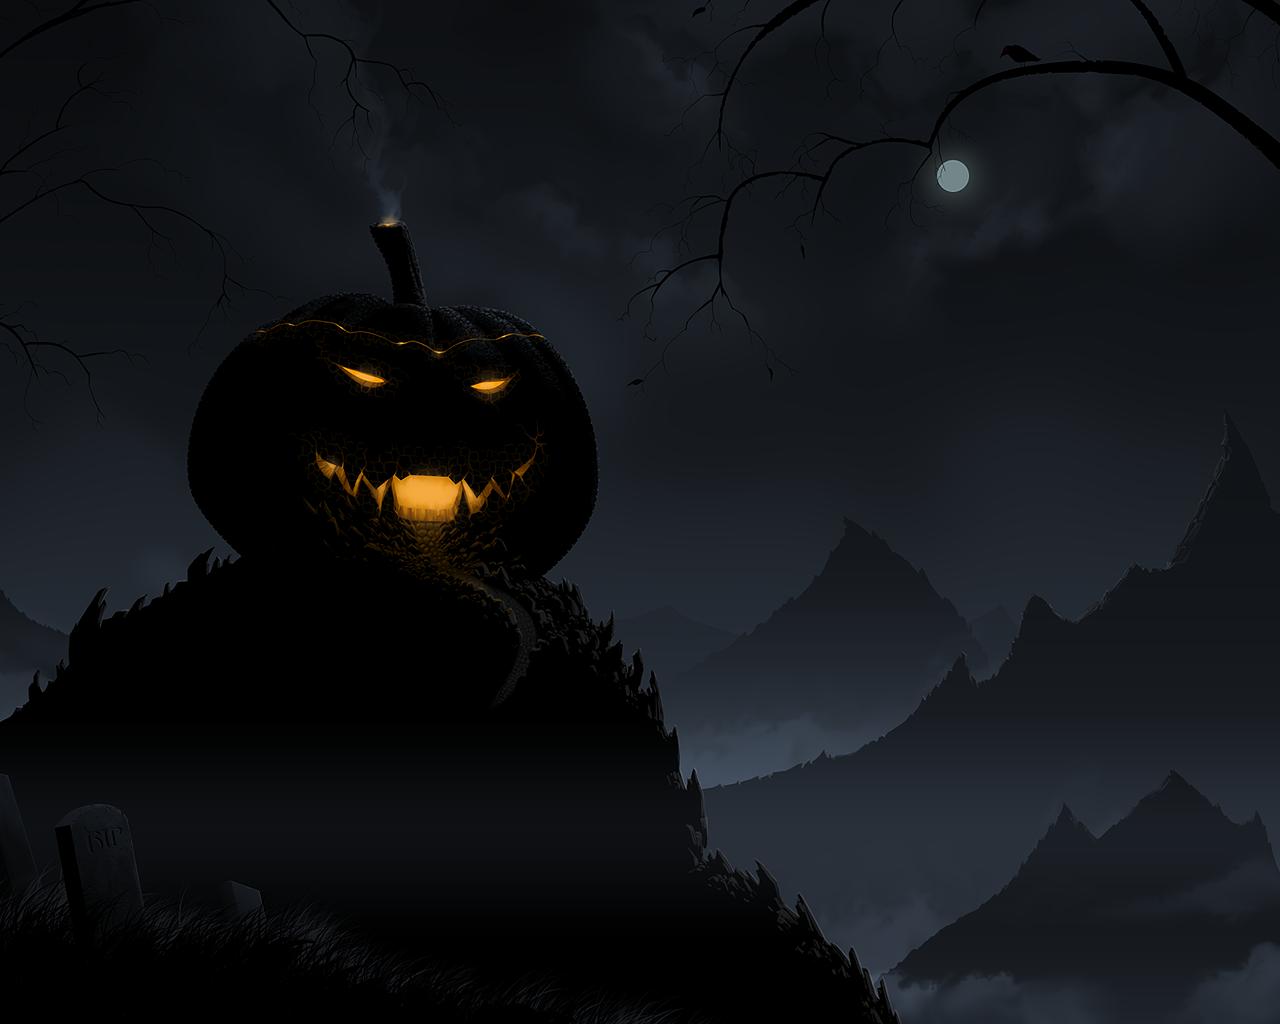 Halloween wallpapers free halloween wallpapers - Scary halloween wallpaper ...